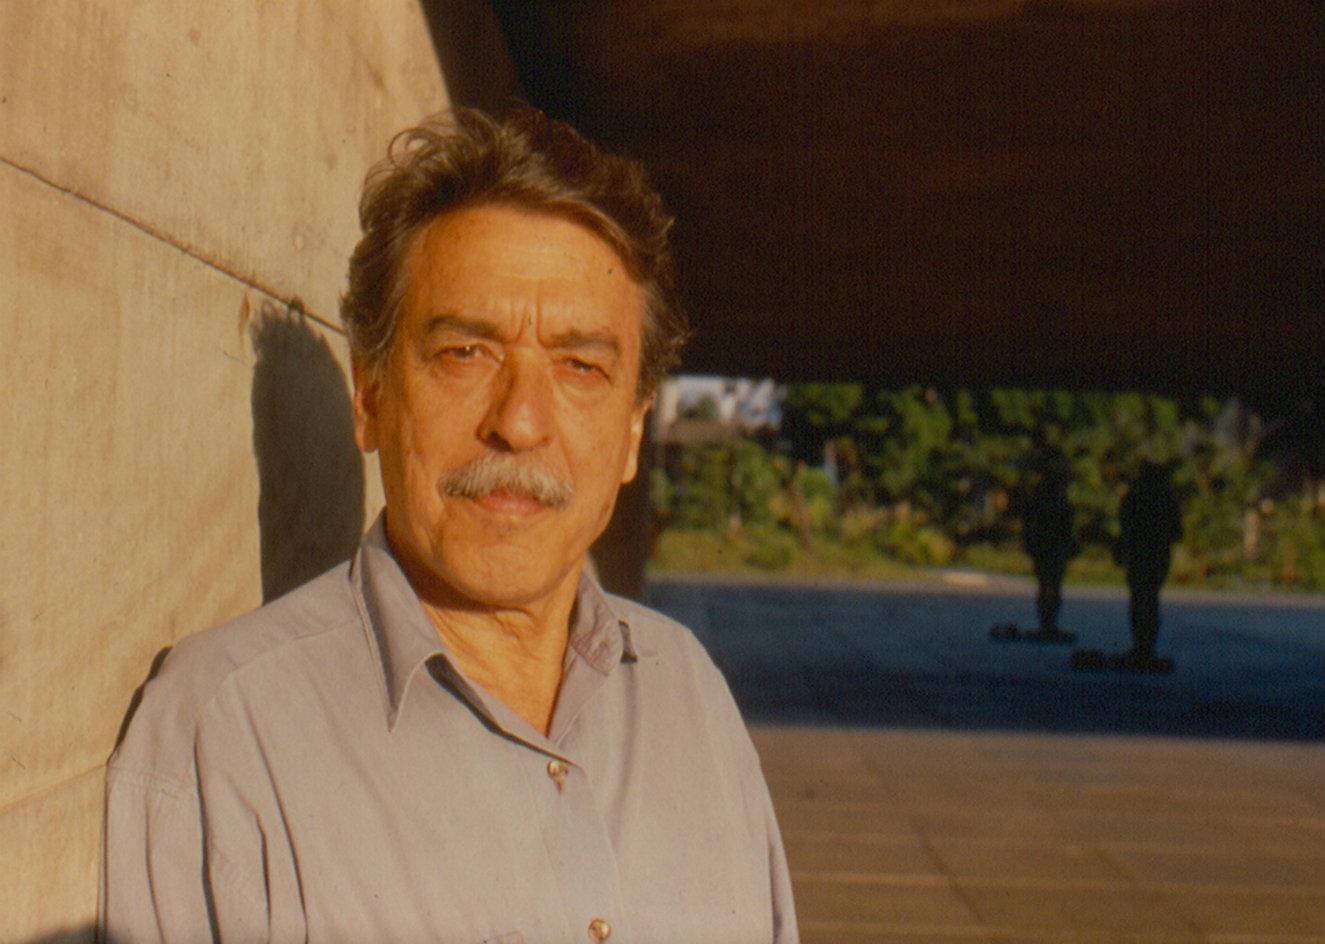 El brasilero Paulo Mendes da Rocha, León de Oro a la Trayectoria. Fotografía: Lito Mendes da Rocha.